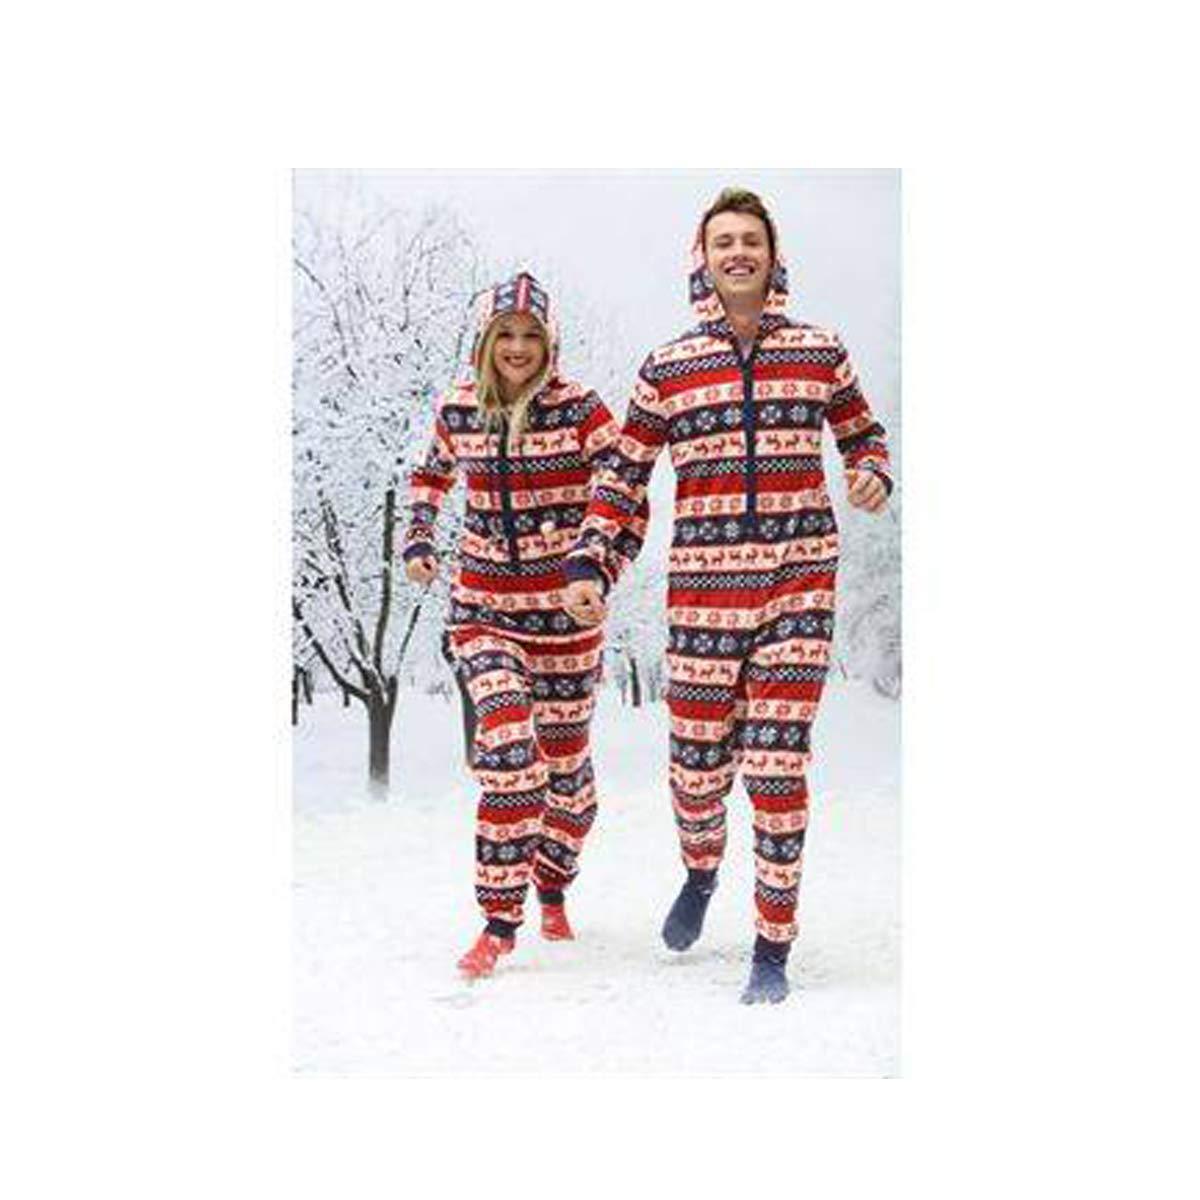 Jumpsuit Weihnachten.Unisex Weihnachten Hood Zip Up Baby Body Two Piece Jumpsuit